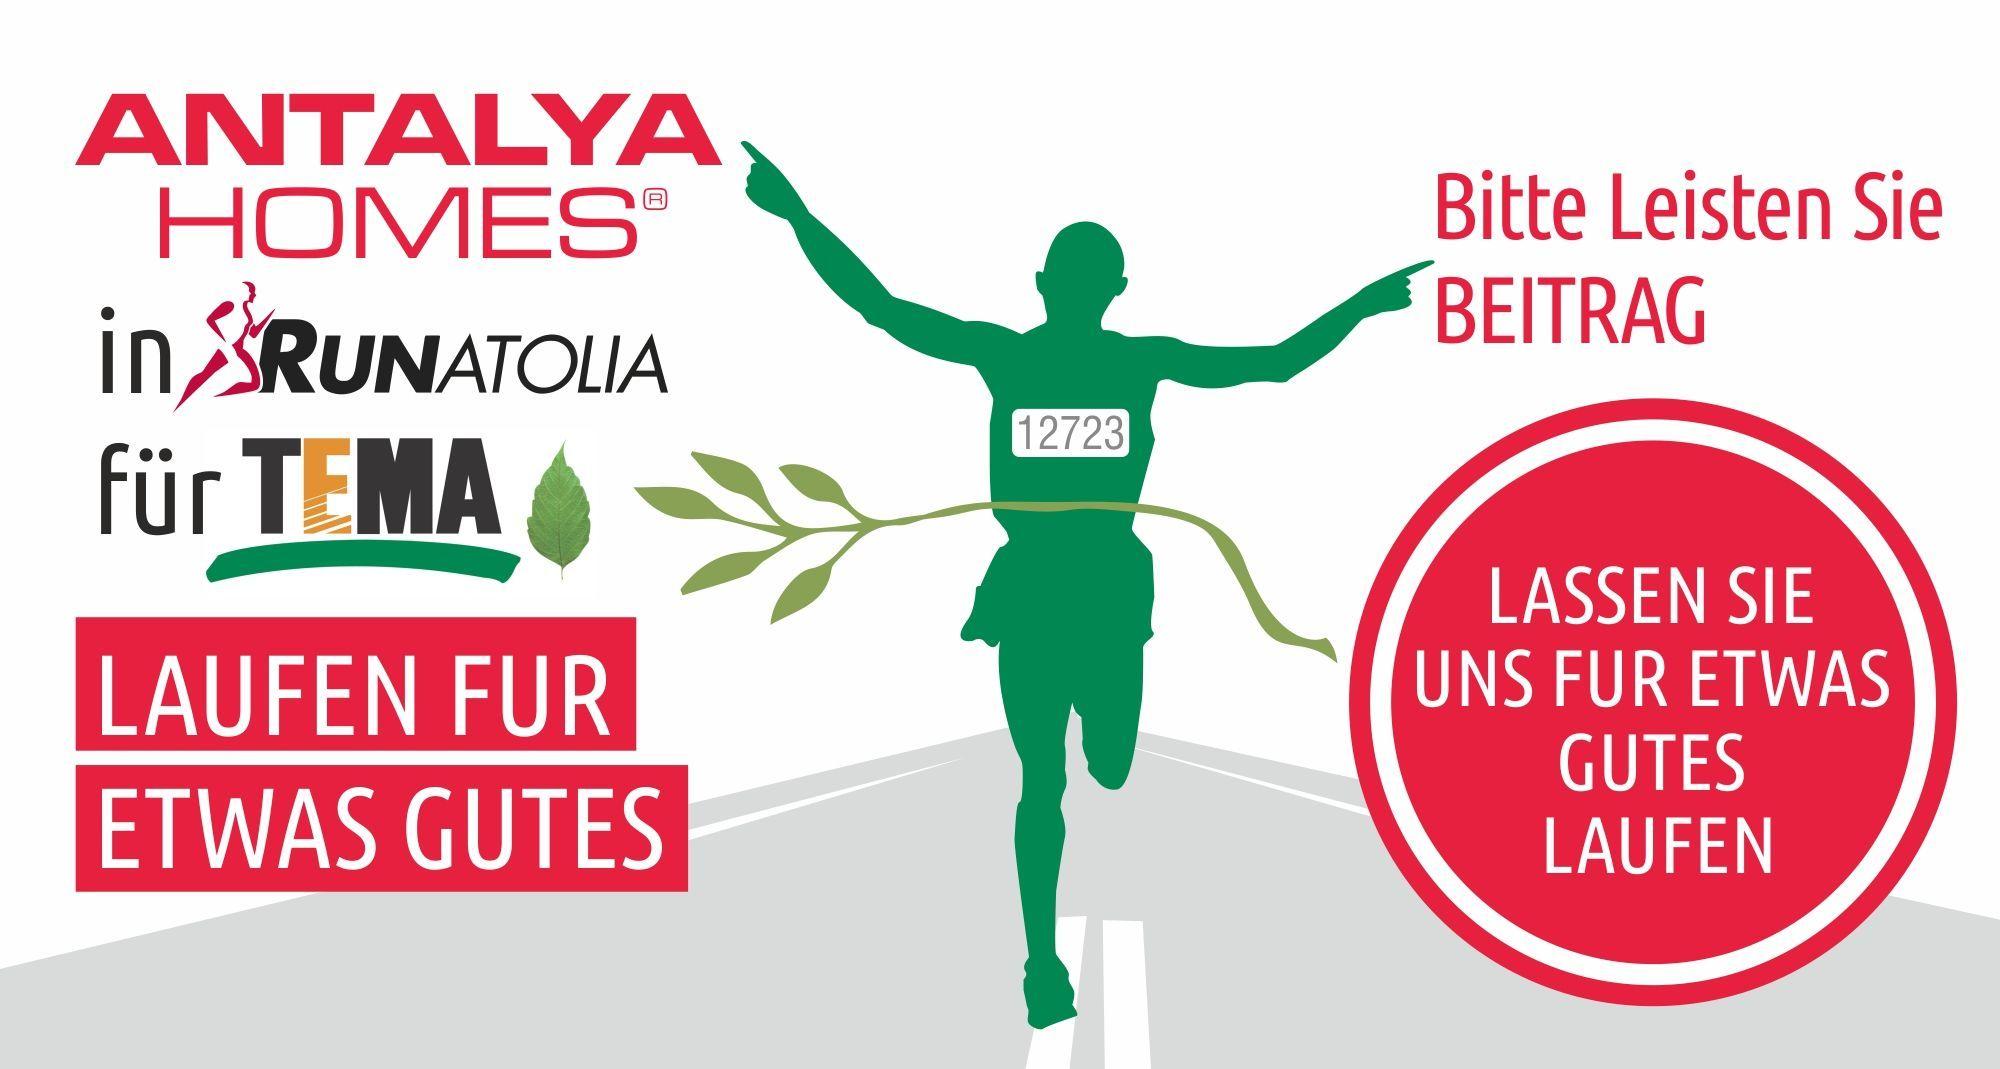 Antalya Homes unterstützt die TEMA Stiftung am 13. März beim Marathonlauf in Runatolien. Lasst uns zusammen kommen, unser Streben nach Güte wird noch stärker.